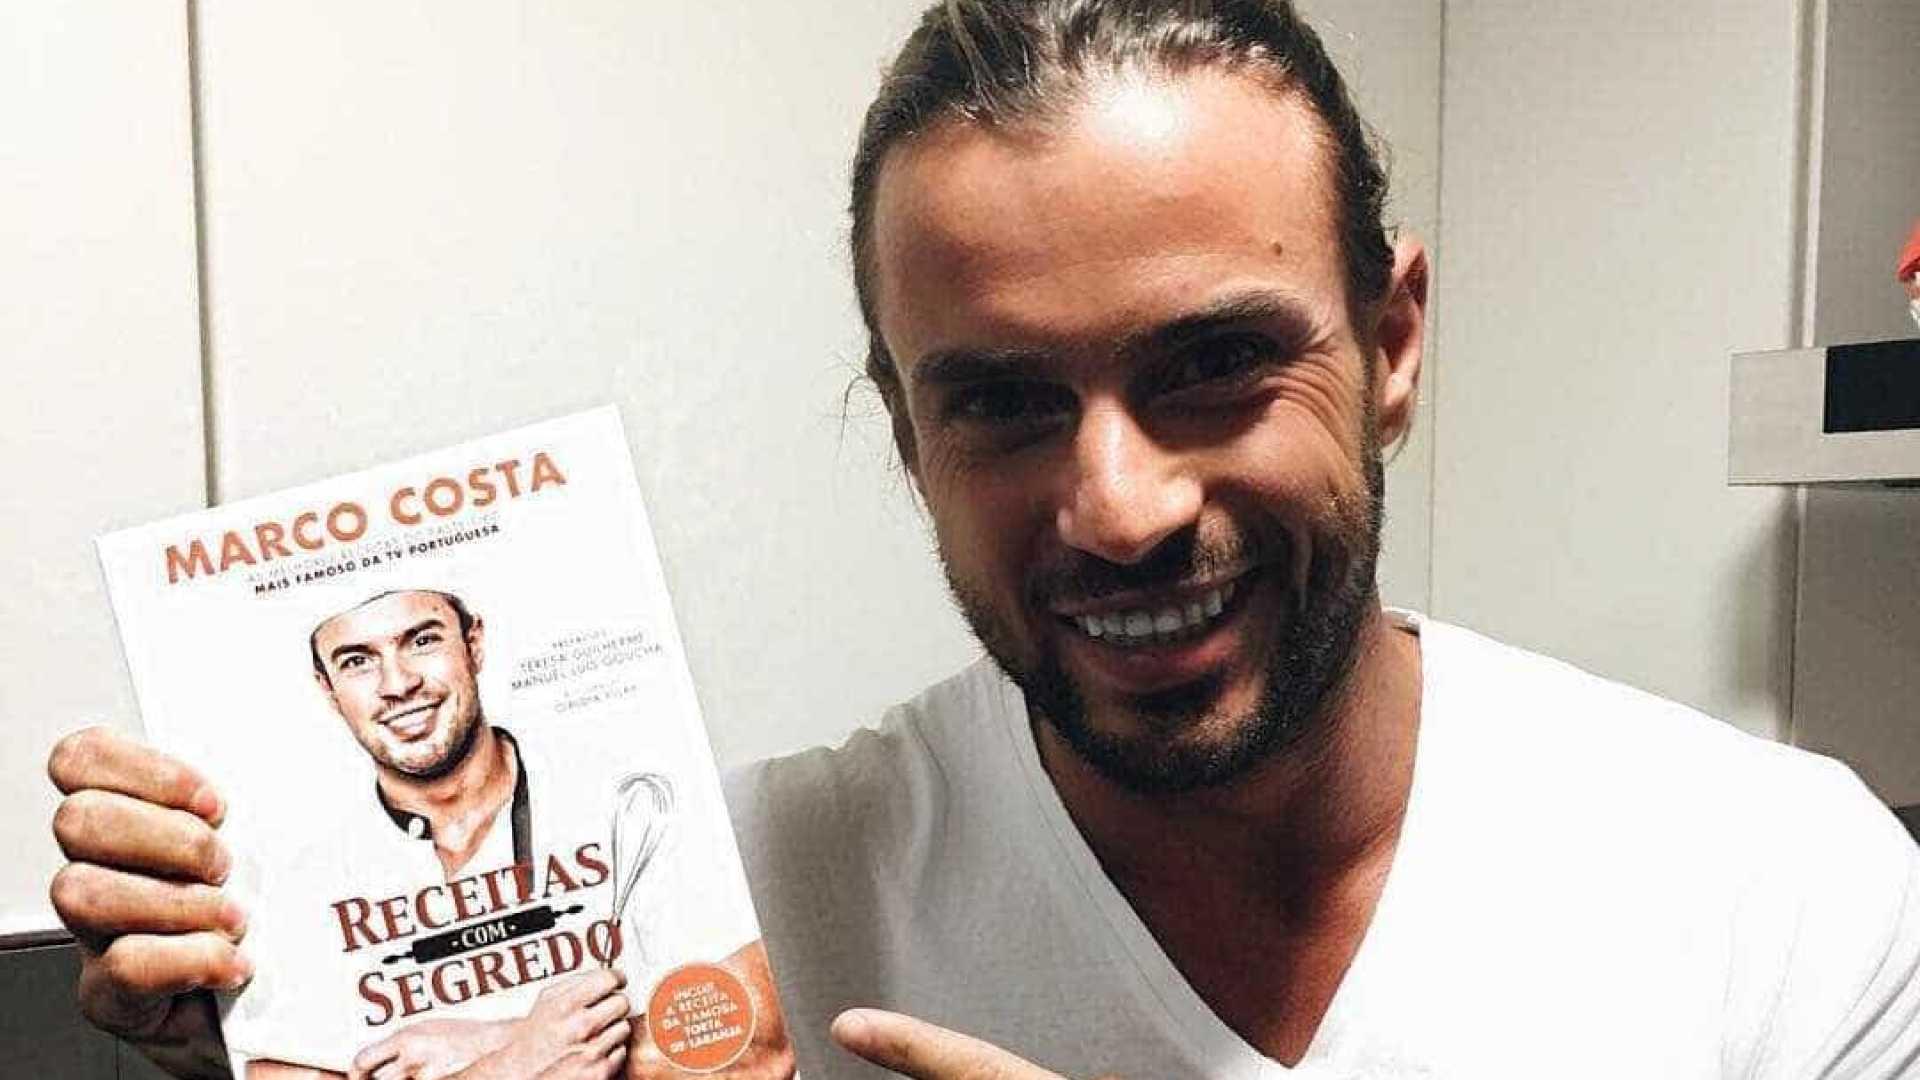 Marco Costa não podia estar mais feliz com o sucesso do seu livro